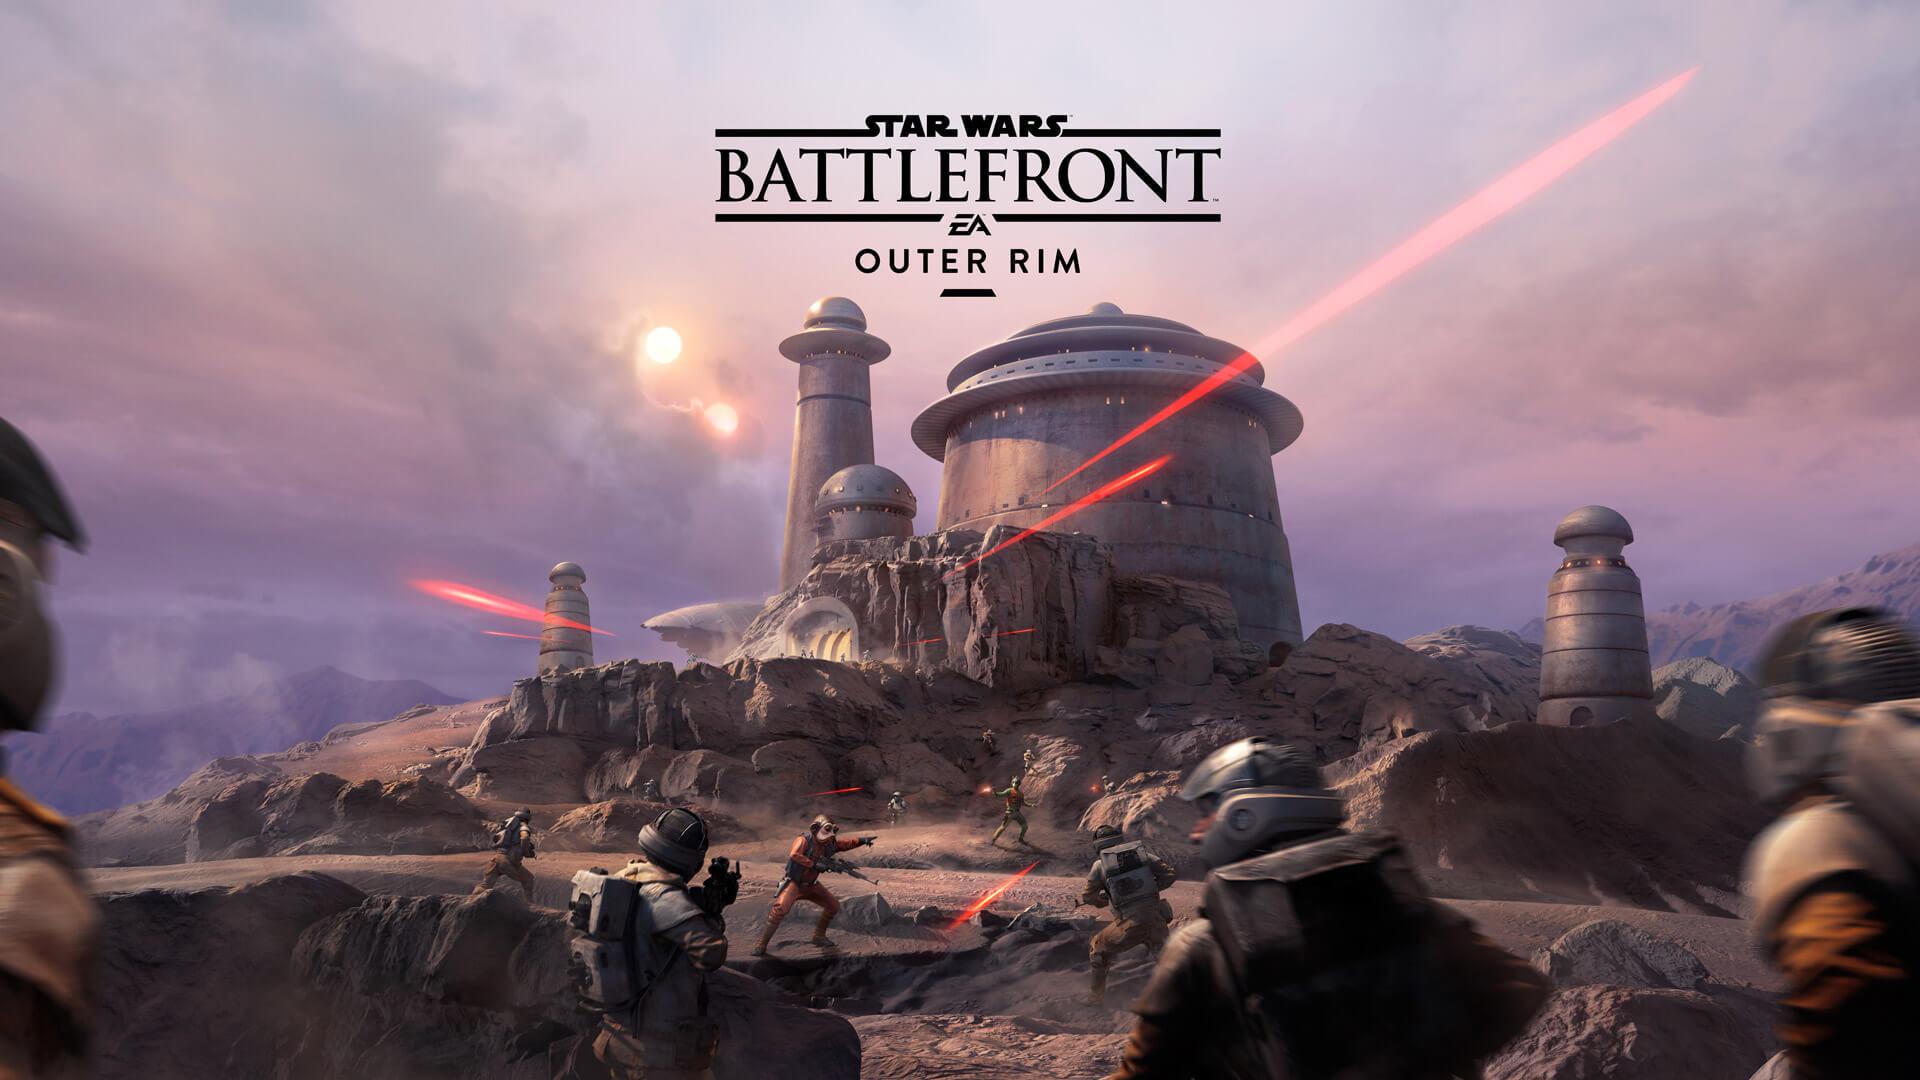 Star Wars Battlefront Outer Rim Borde Exterior